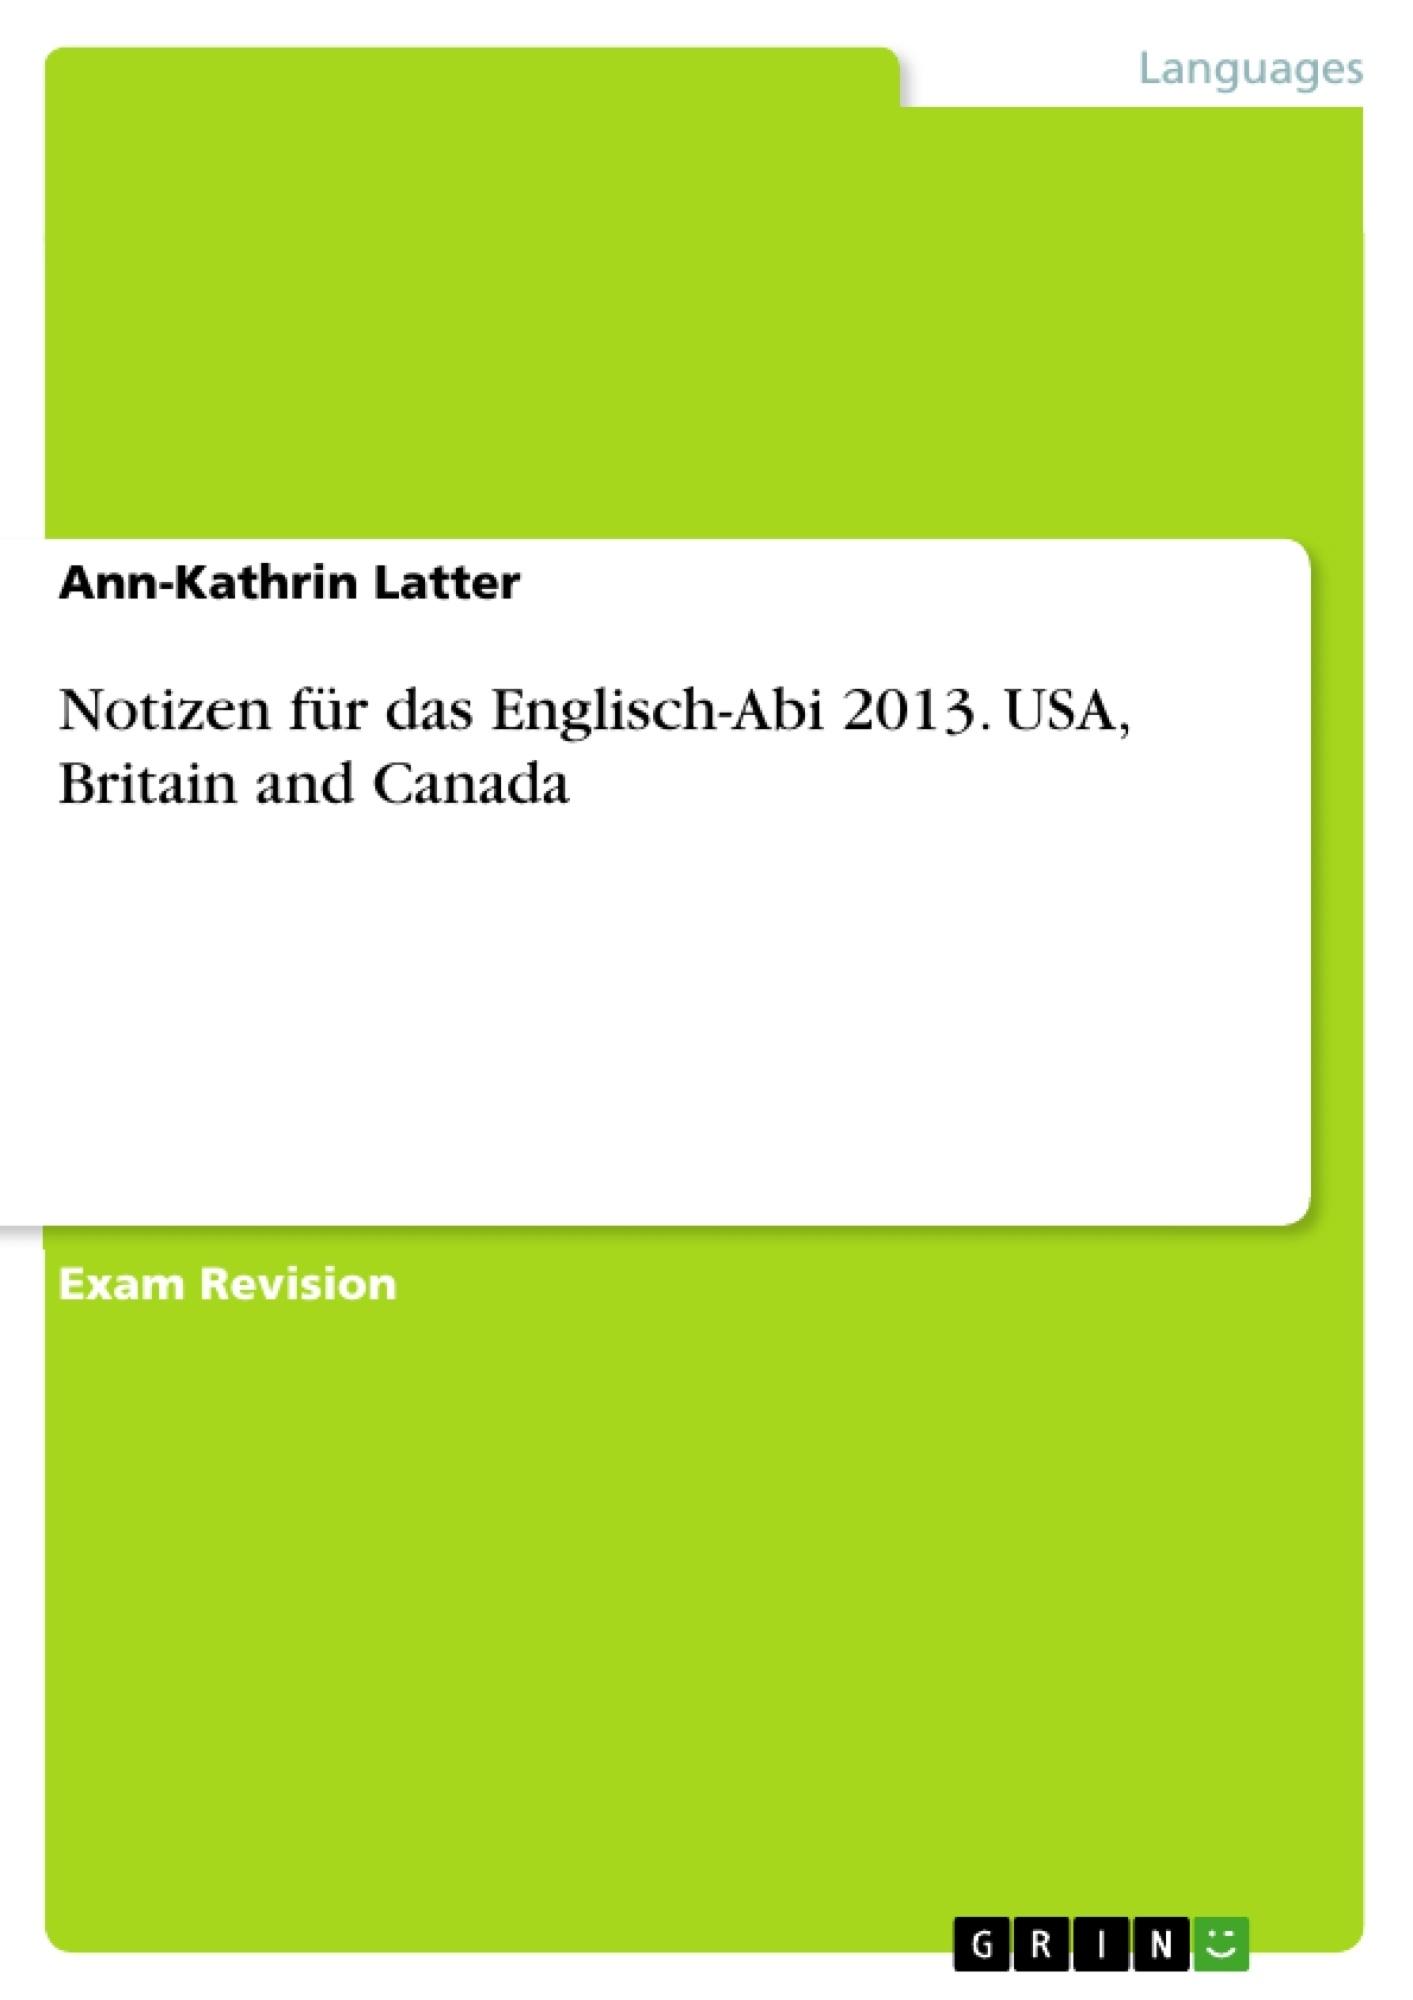 Title: Notizen für das Englisch-Abi  2013. USA, Britain and Canada